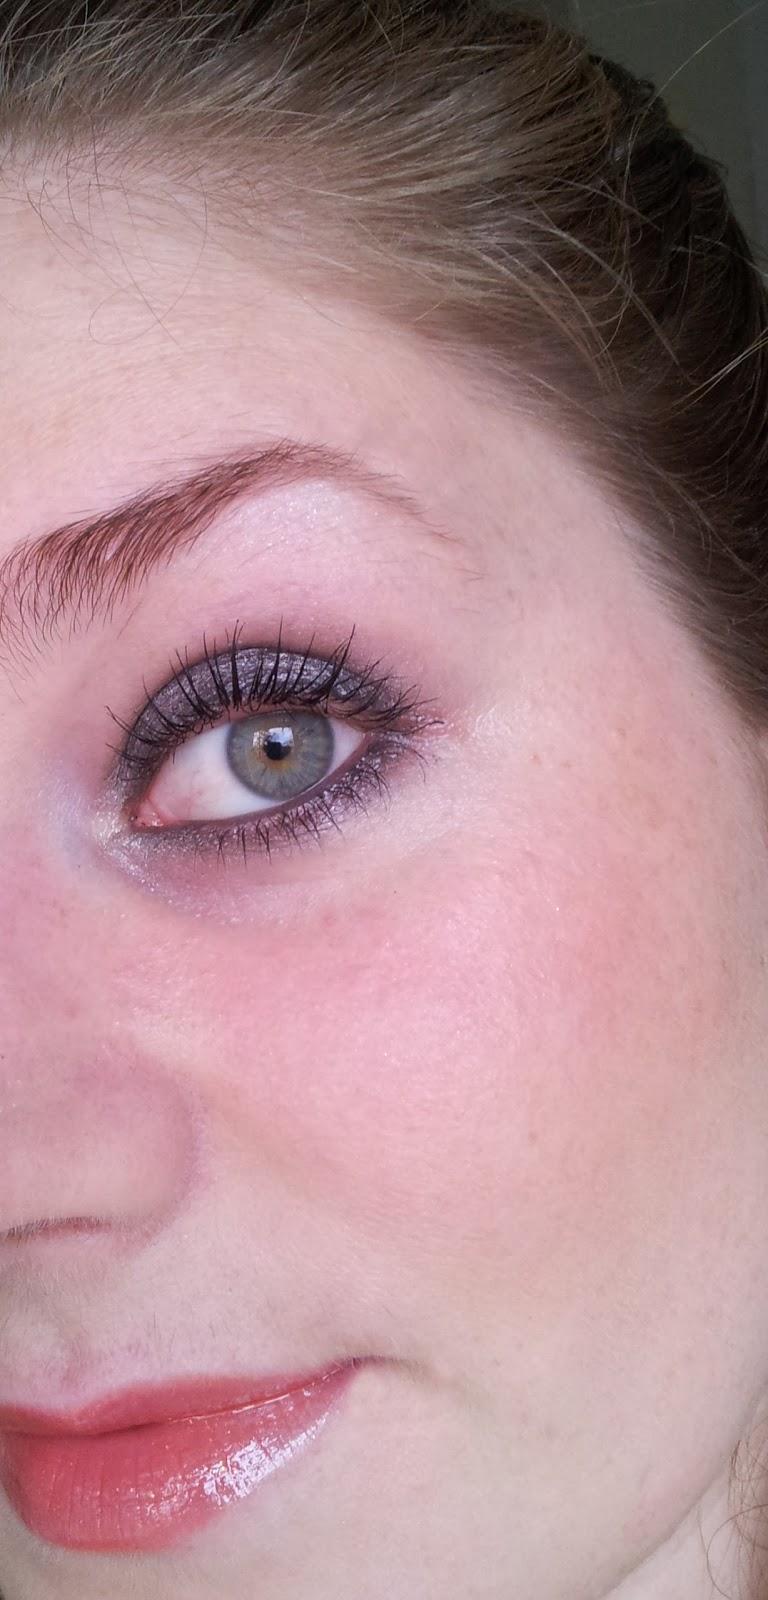 http://thelifeinfrontofmyeyes.blogspot.de/2013/12/silvester-wird.html